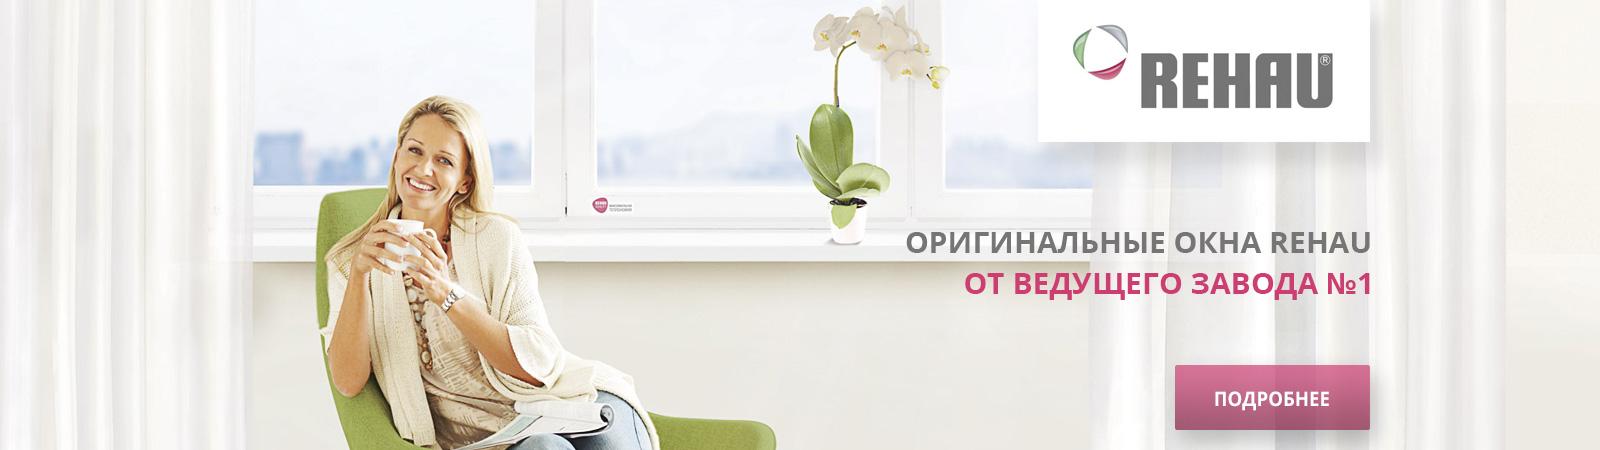 Оригинальные окна REHAU